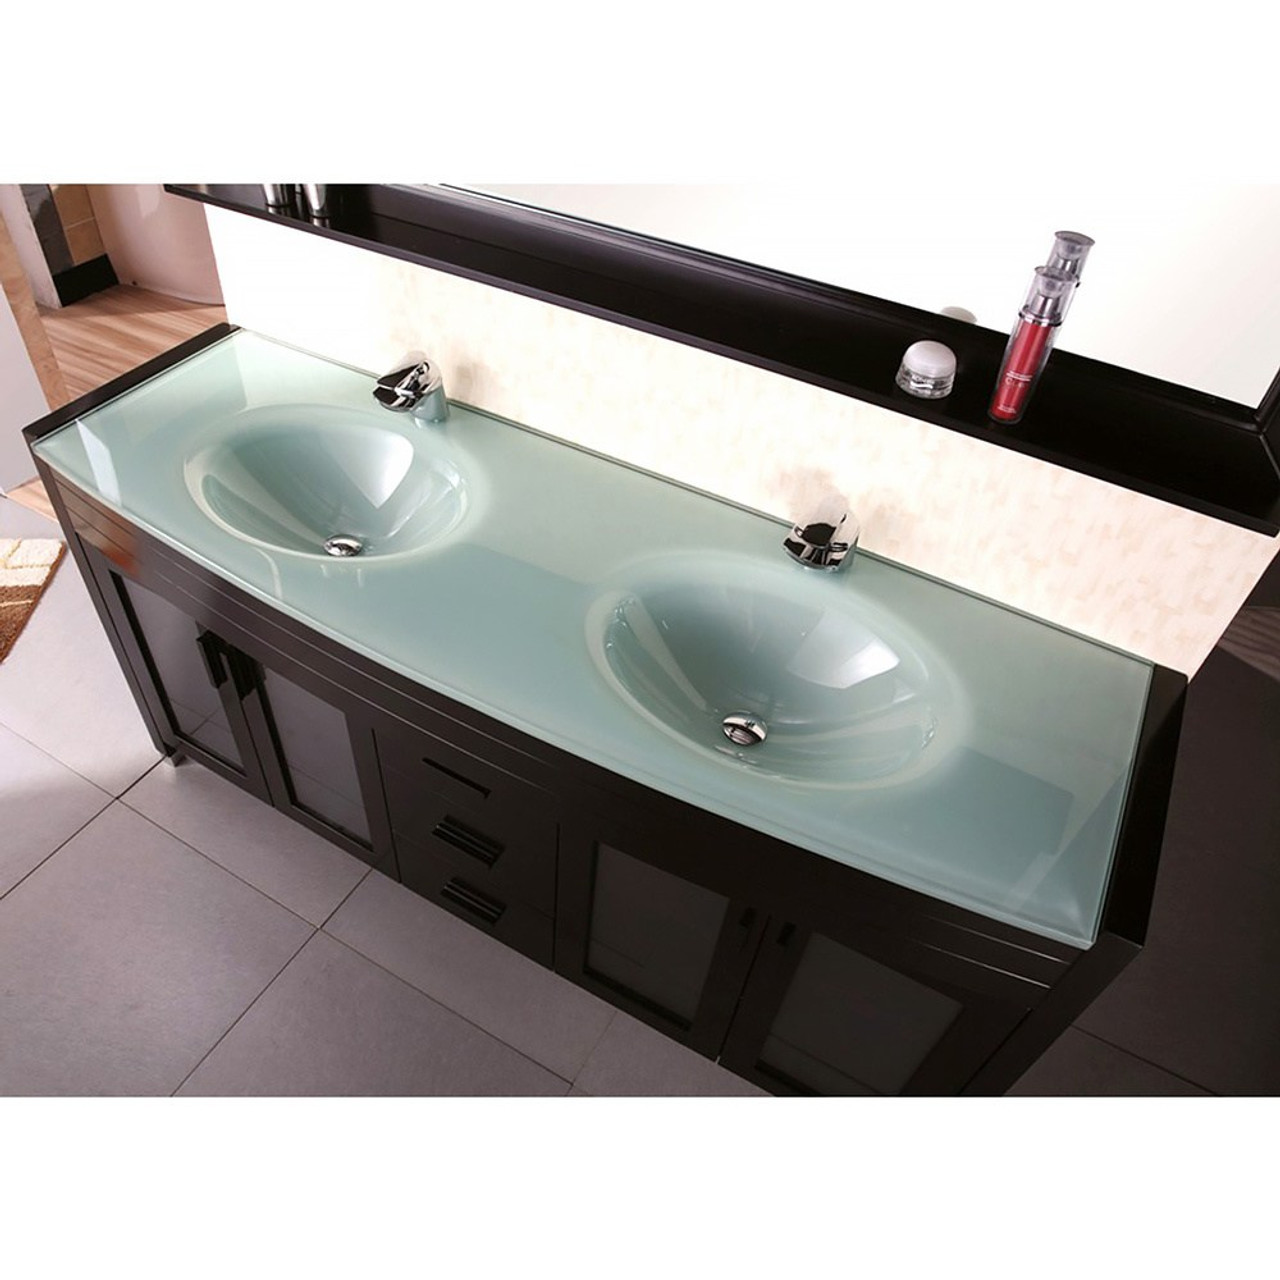 juno 60 espresso double sink bathroom vanity